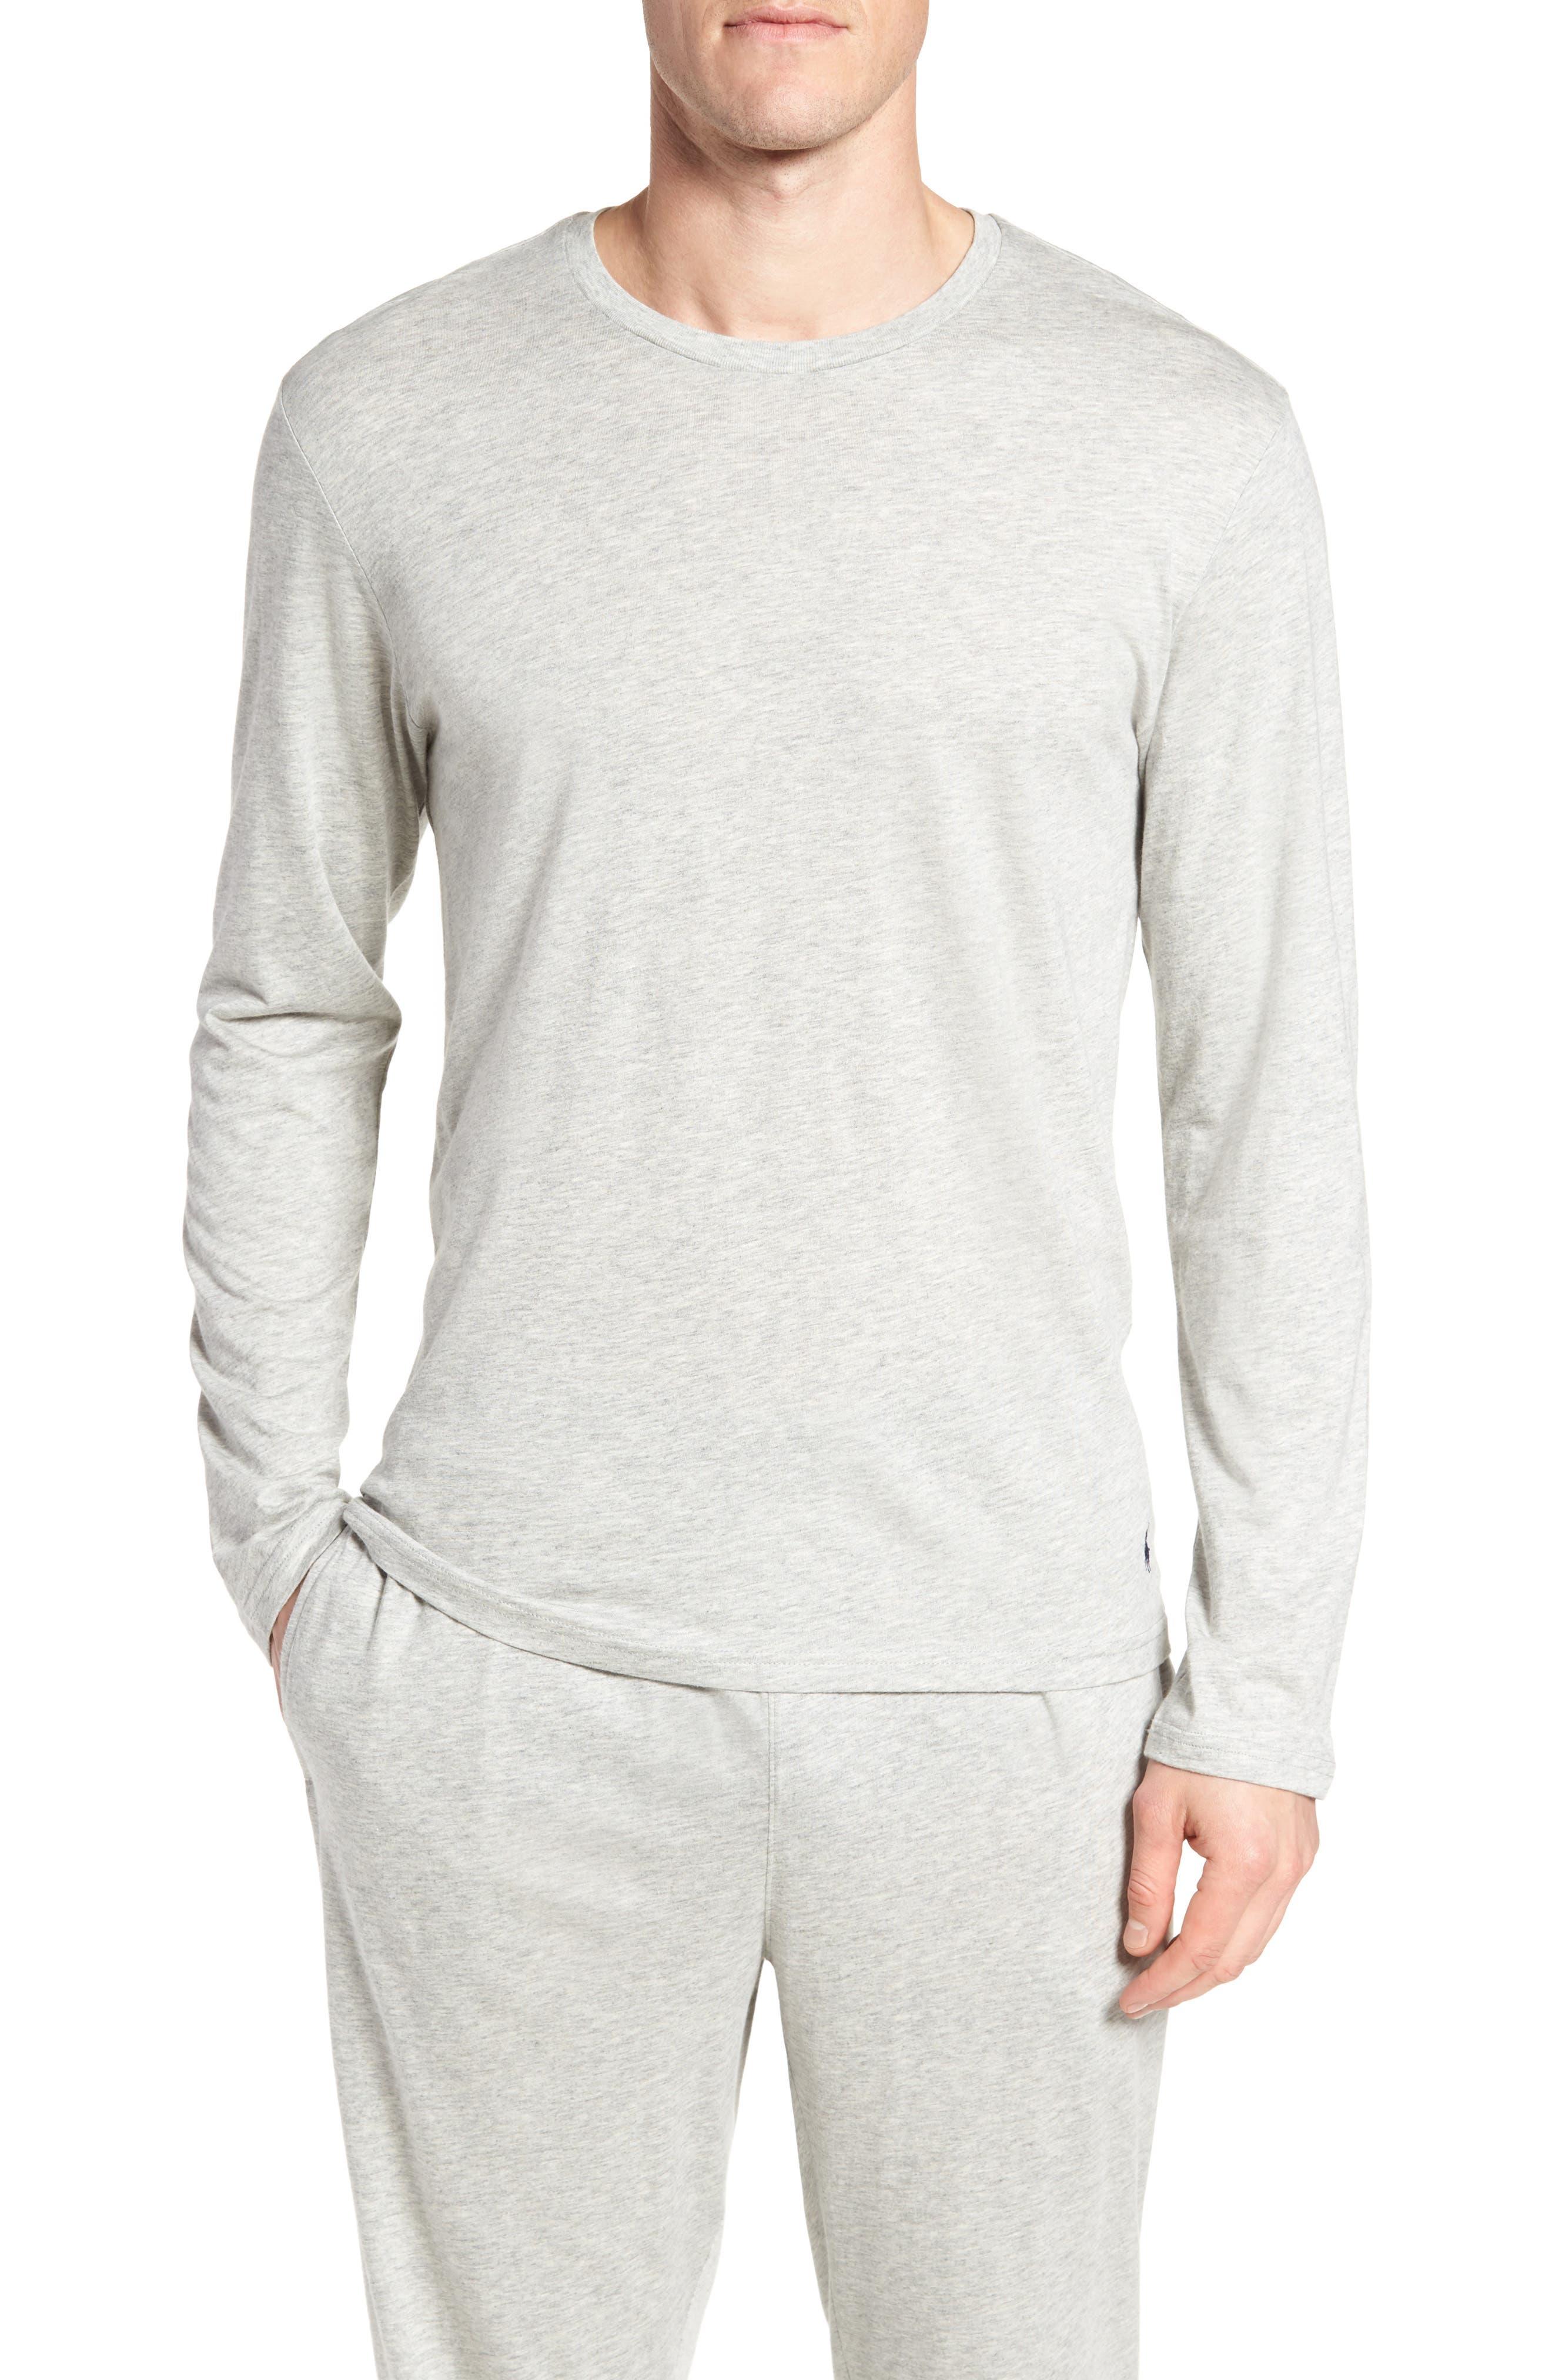 Supreme Comfort Cotton & Modal T-Shirt,                         Main,                         color, 024